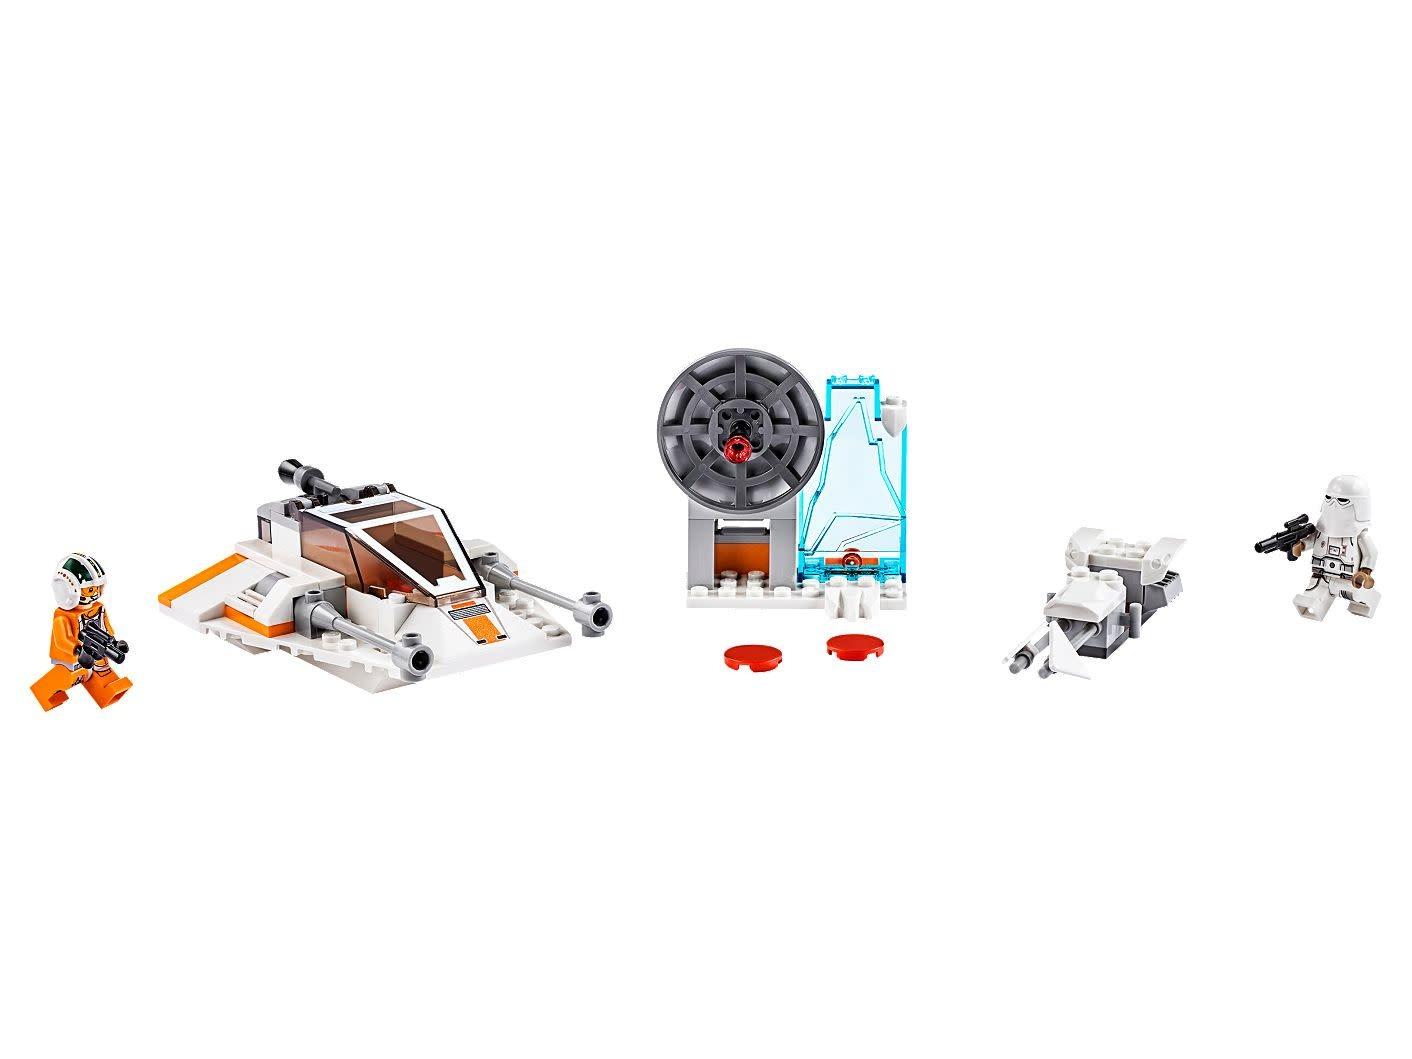 75268 Snowspeeder by LEGO Star Wars